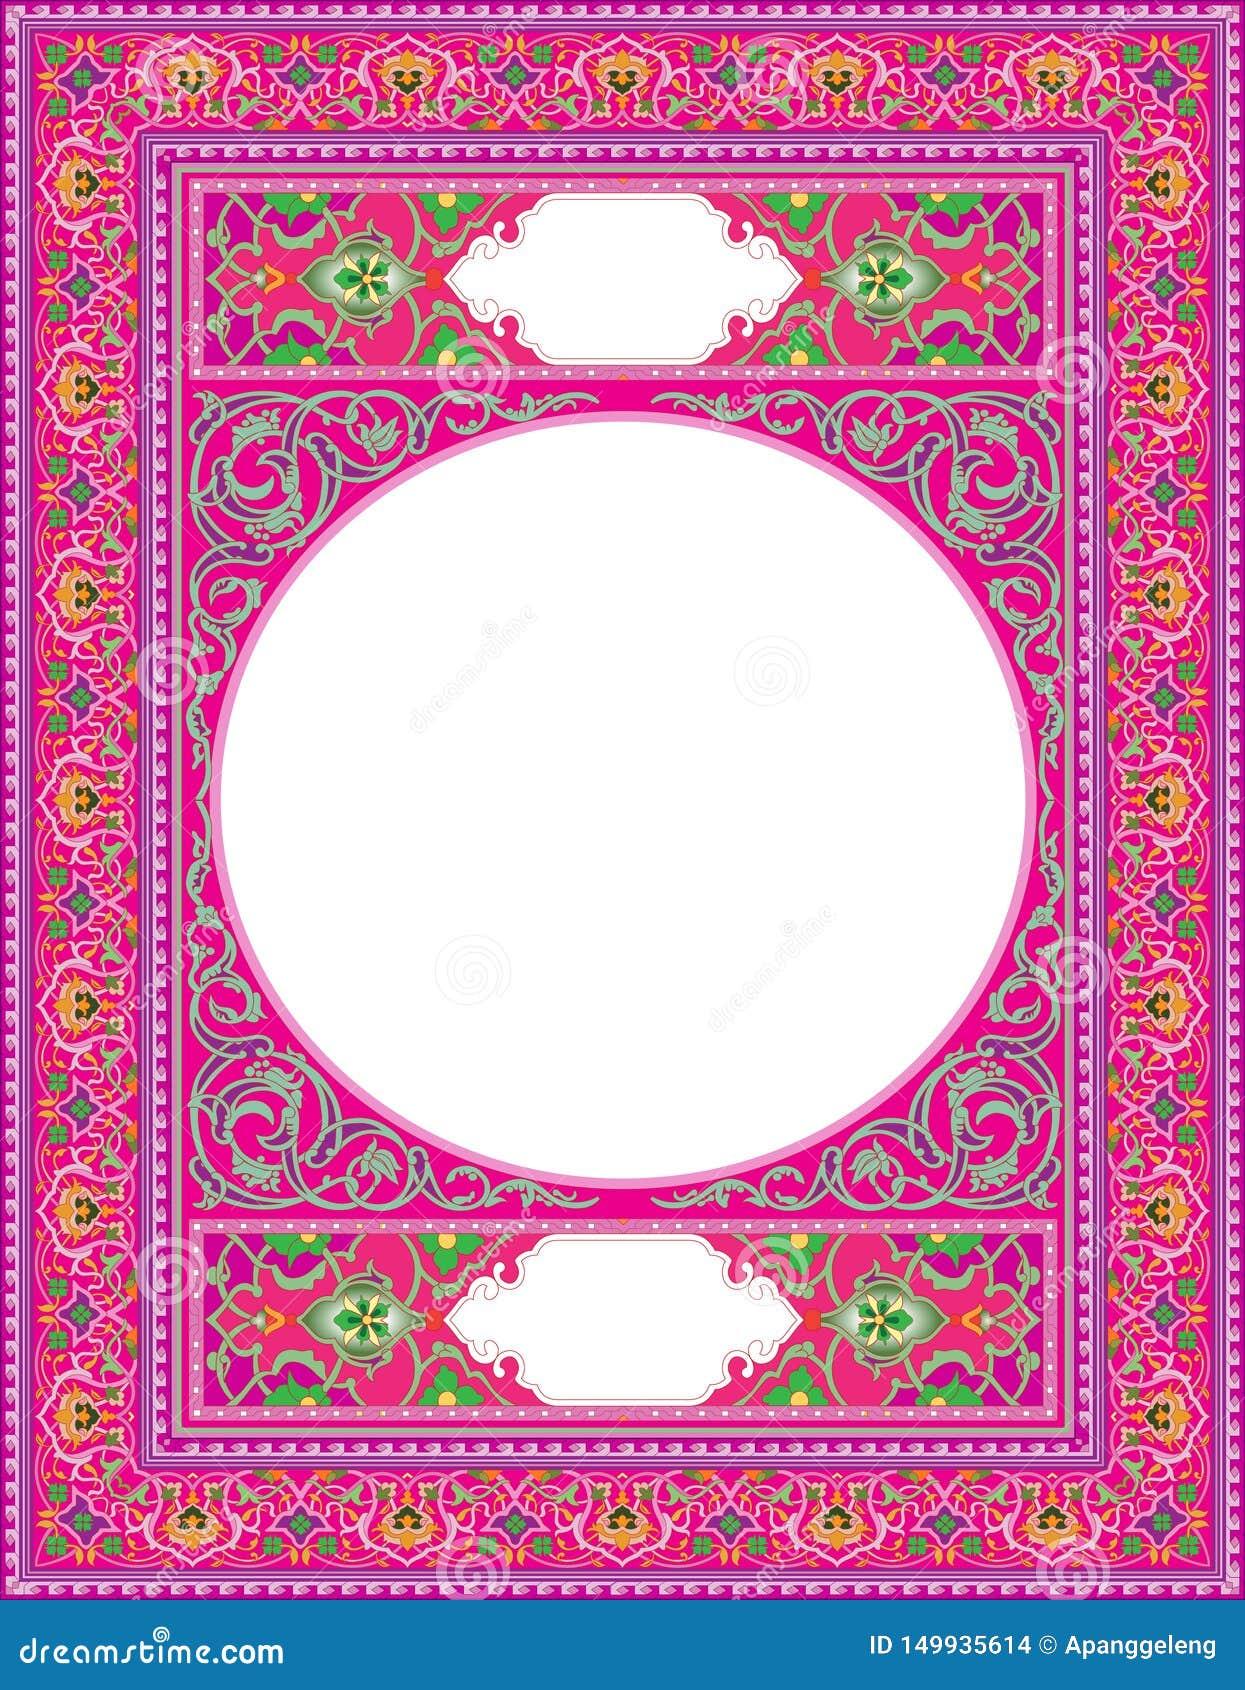 Art Border Islamique Dans La Couleur Rose Pour La Couverture